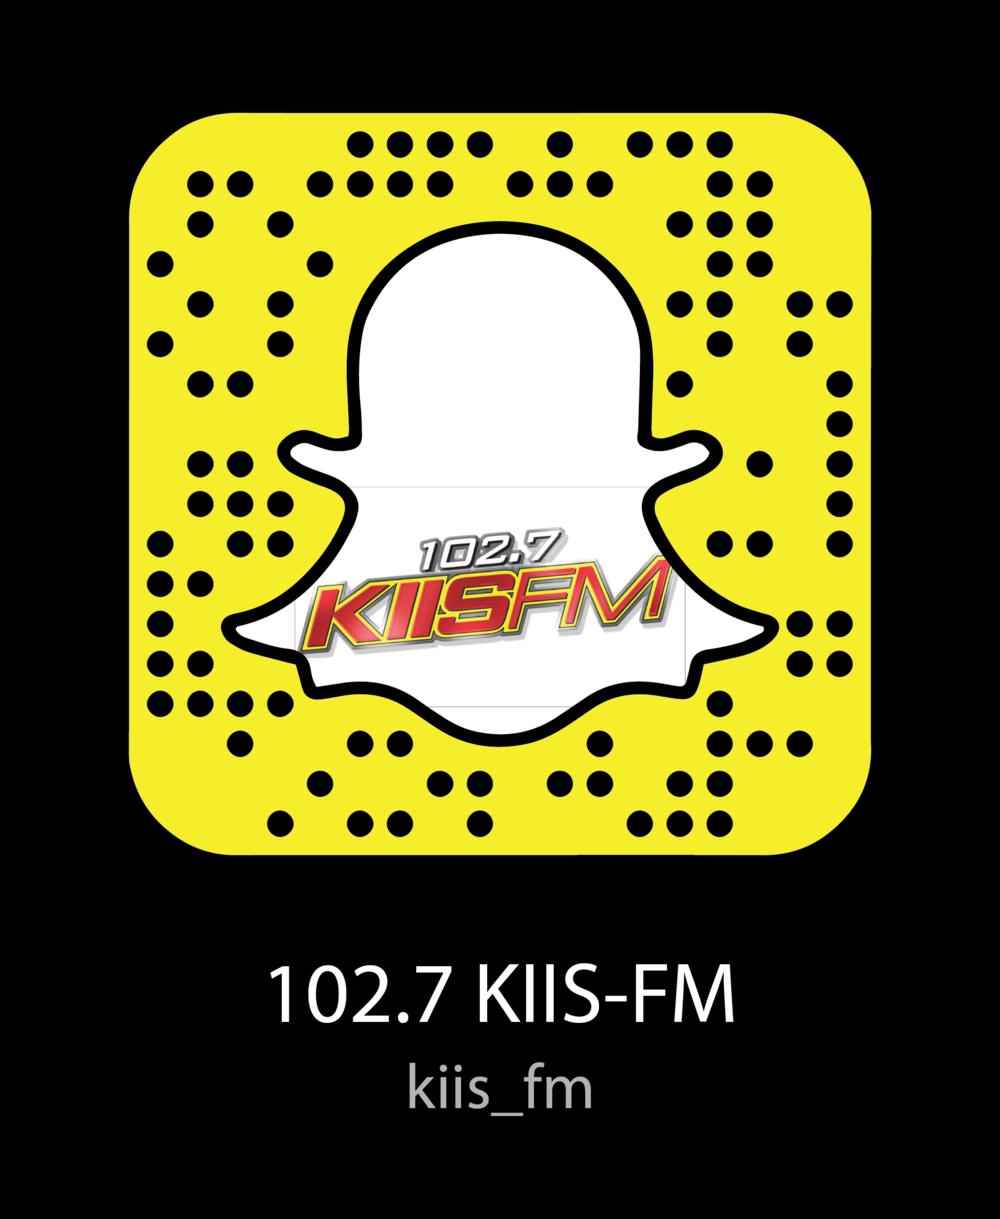 kiis_fm_Radio_Stations_snapchat-snapcode.png